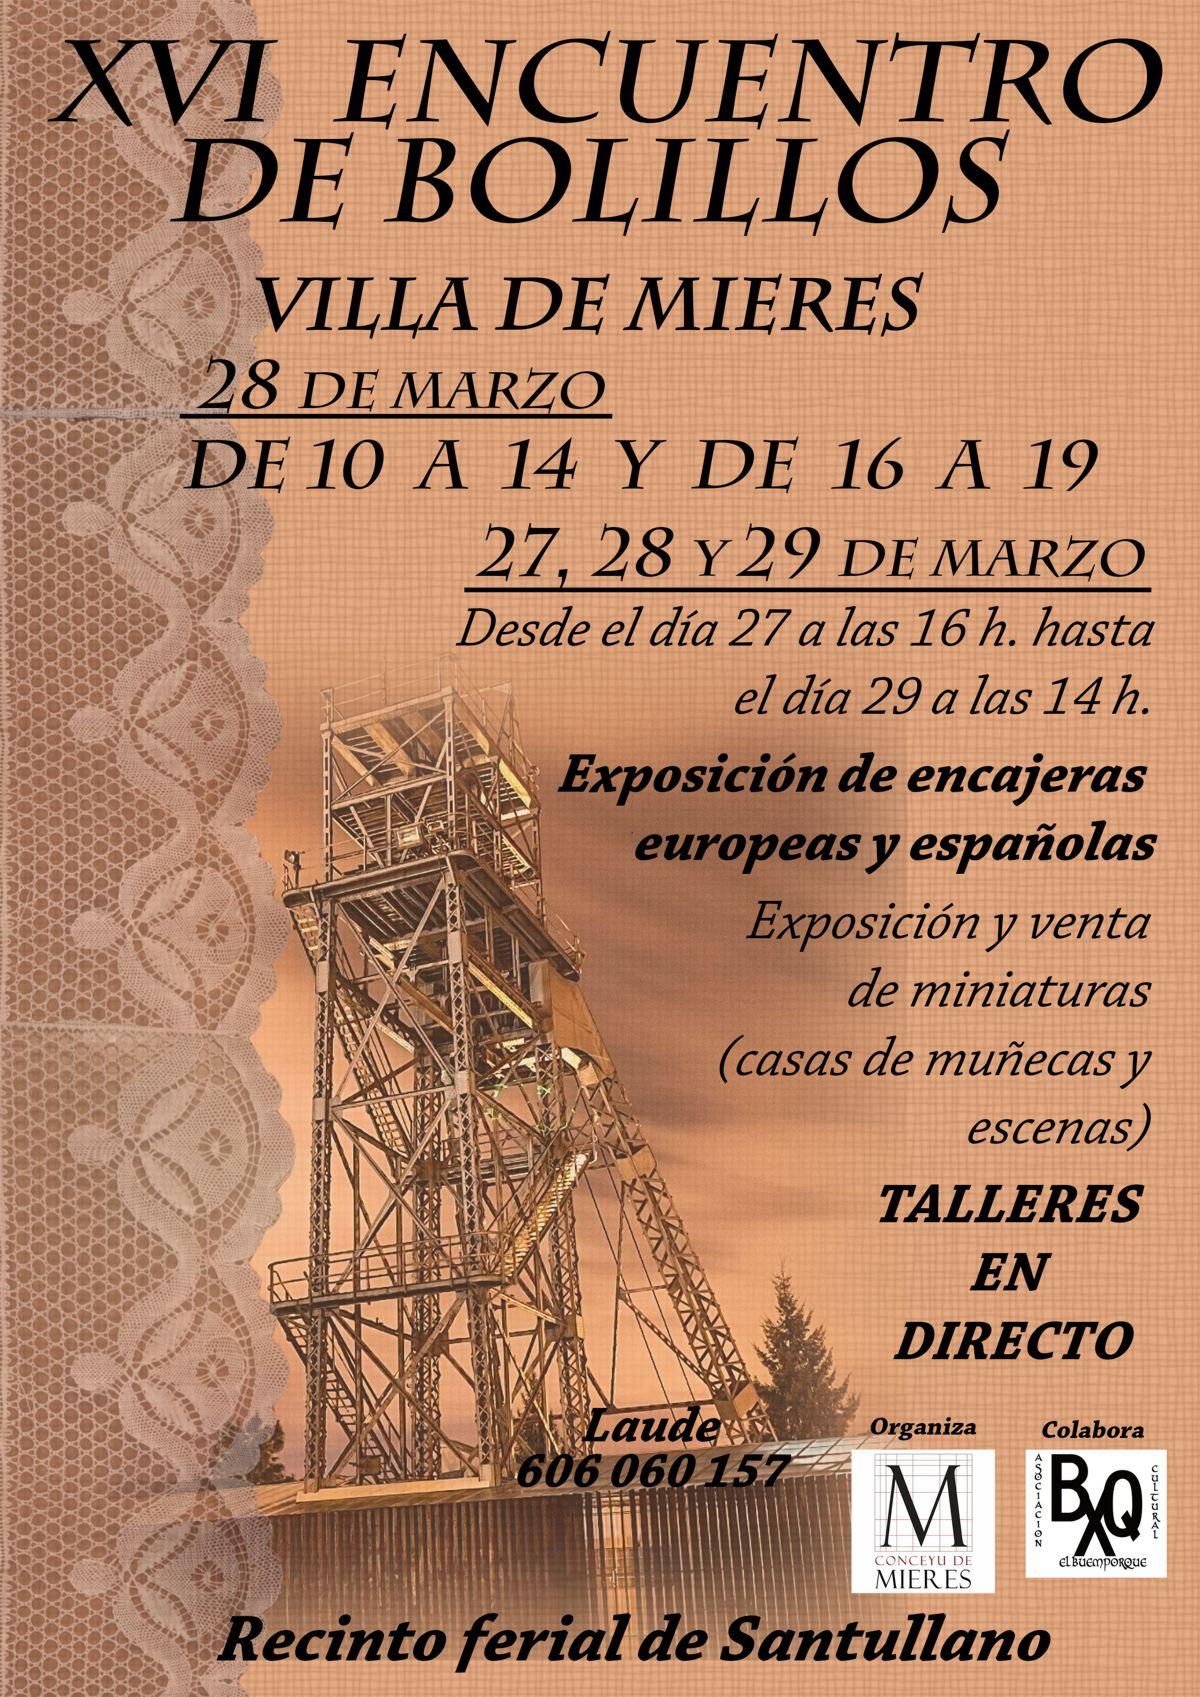 Cartel Web Encuentro Bolillos 2020